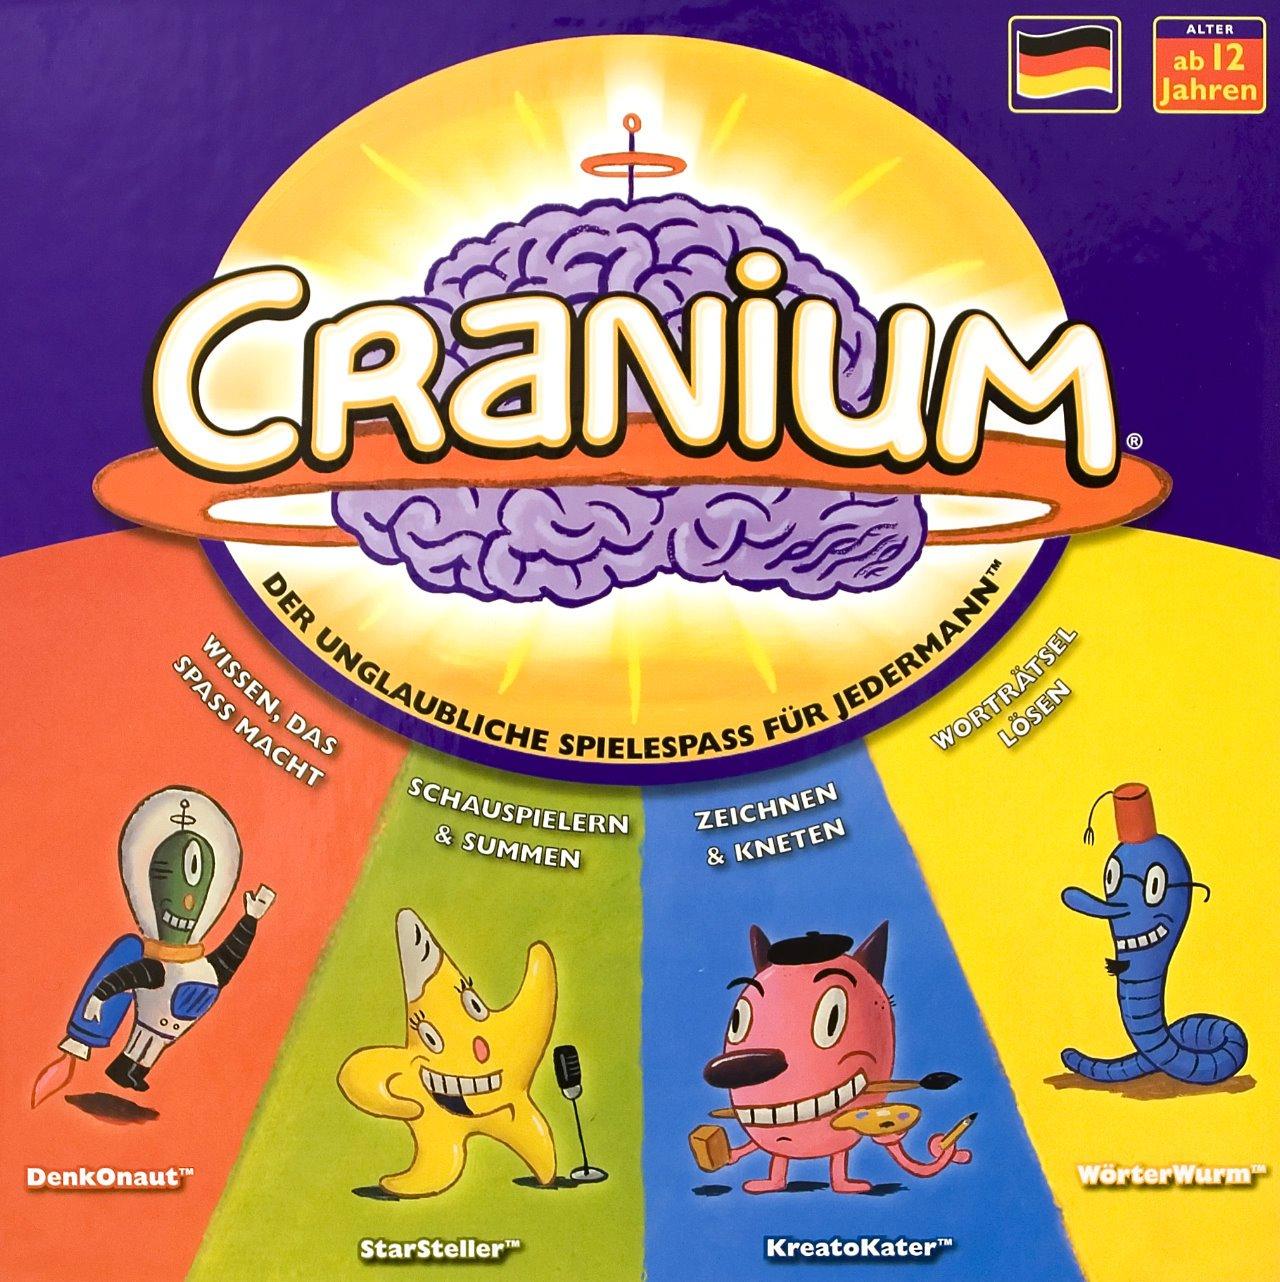 Cranium gioco da tavolo gdt tana dei goblin - Cranium gioco da tavolo prezzo ...